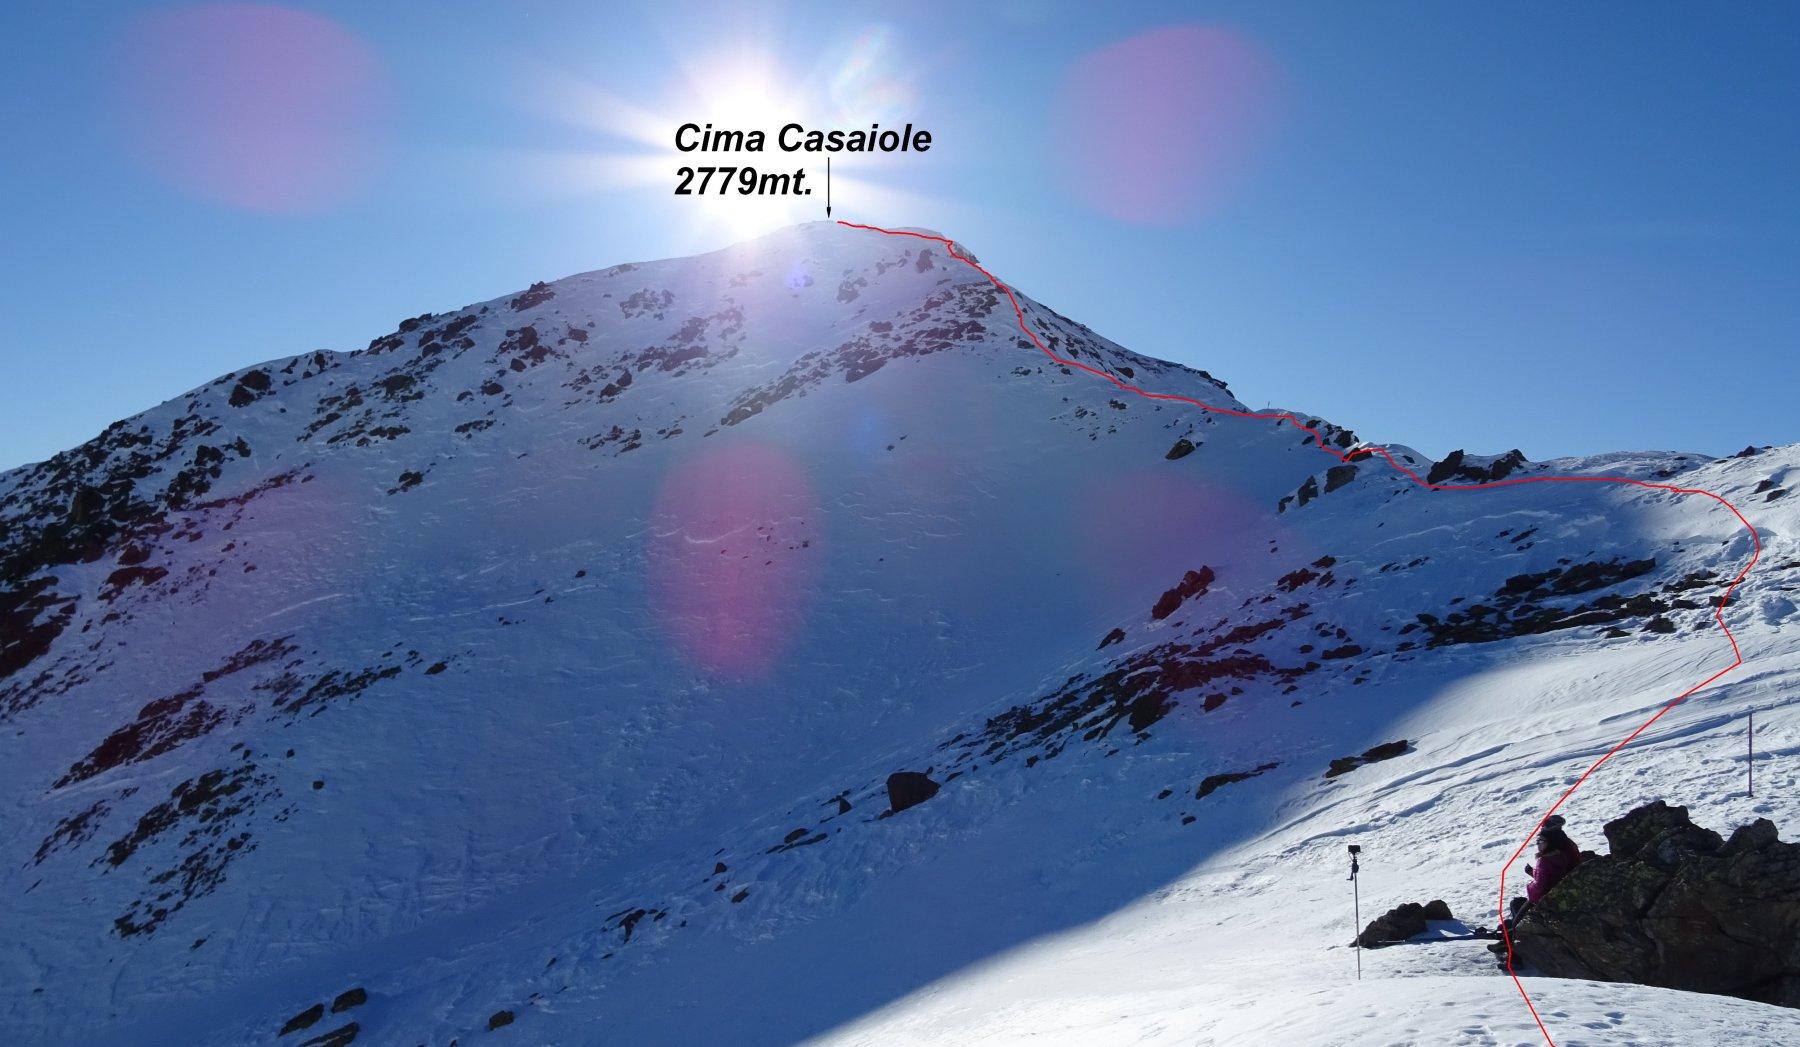 La Cima Casaiole vista dal P.so dei Contrabbandieri 2681mt.